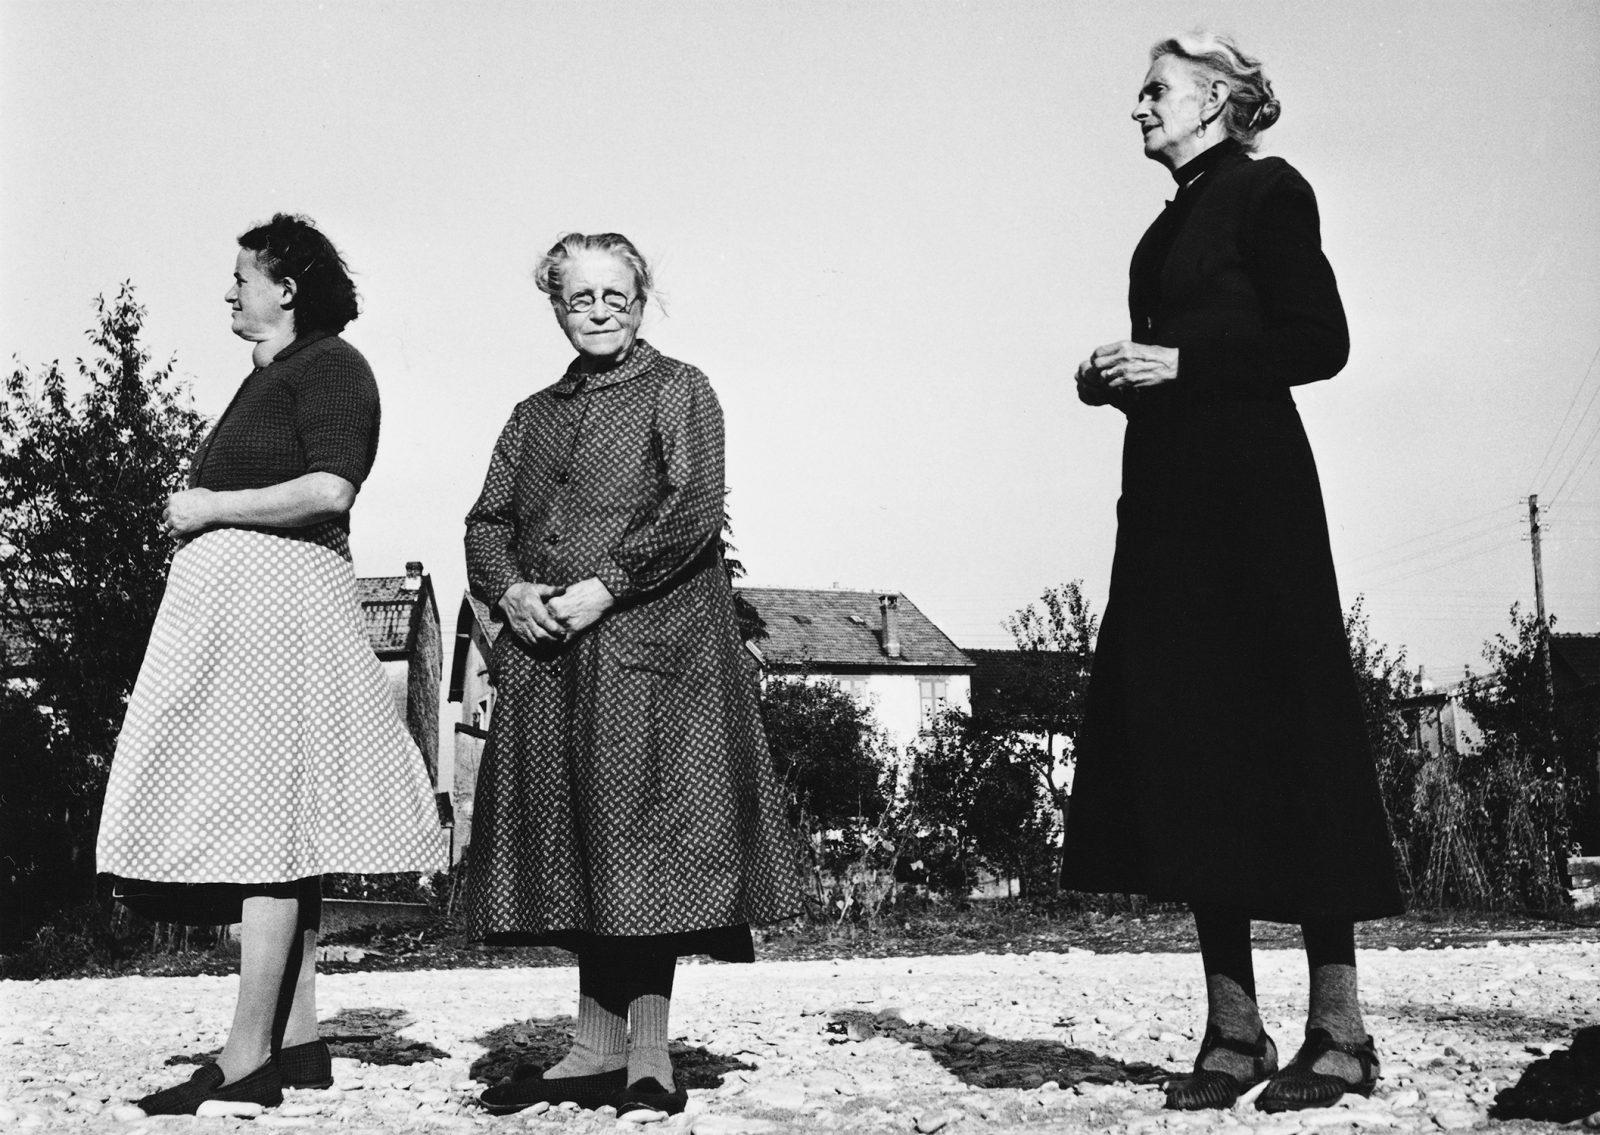 LUCIEN HERVÉ 'Three Women' (1951)